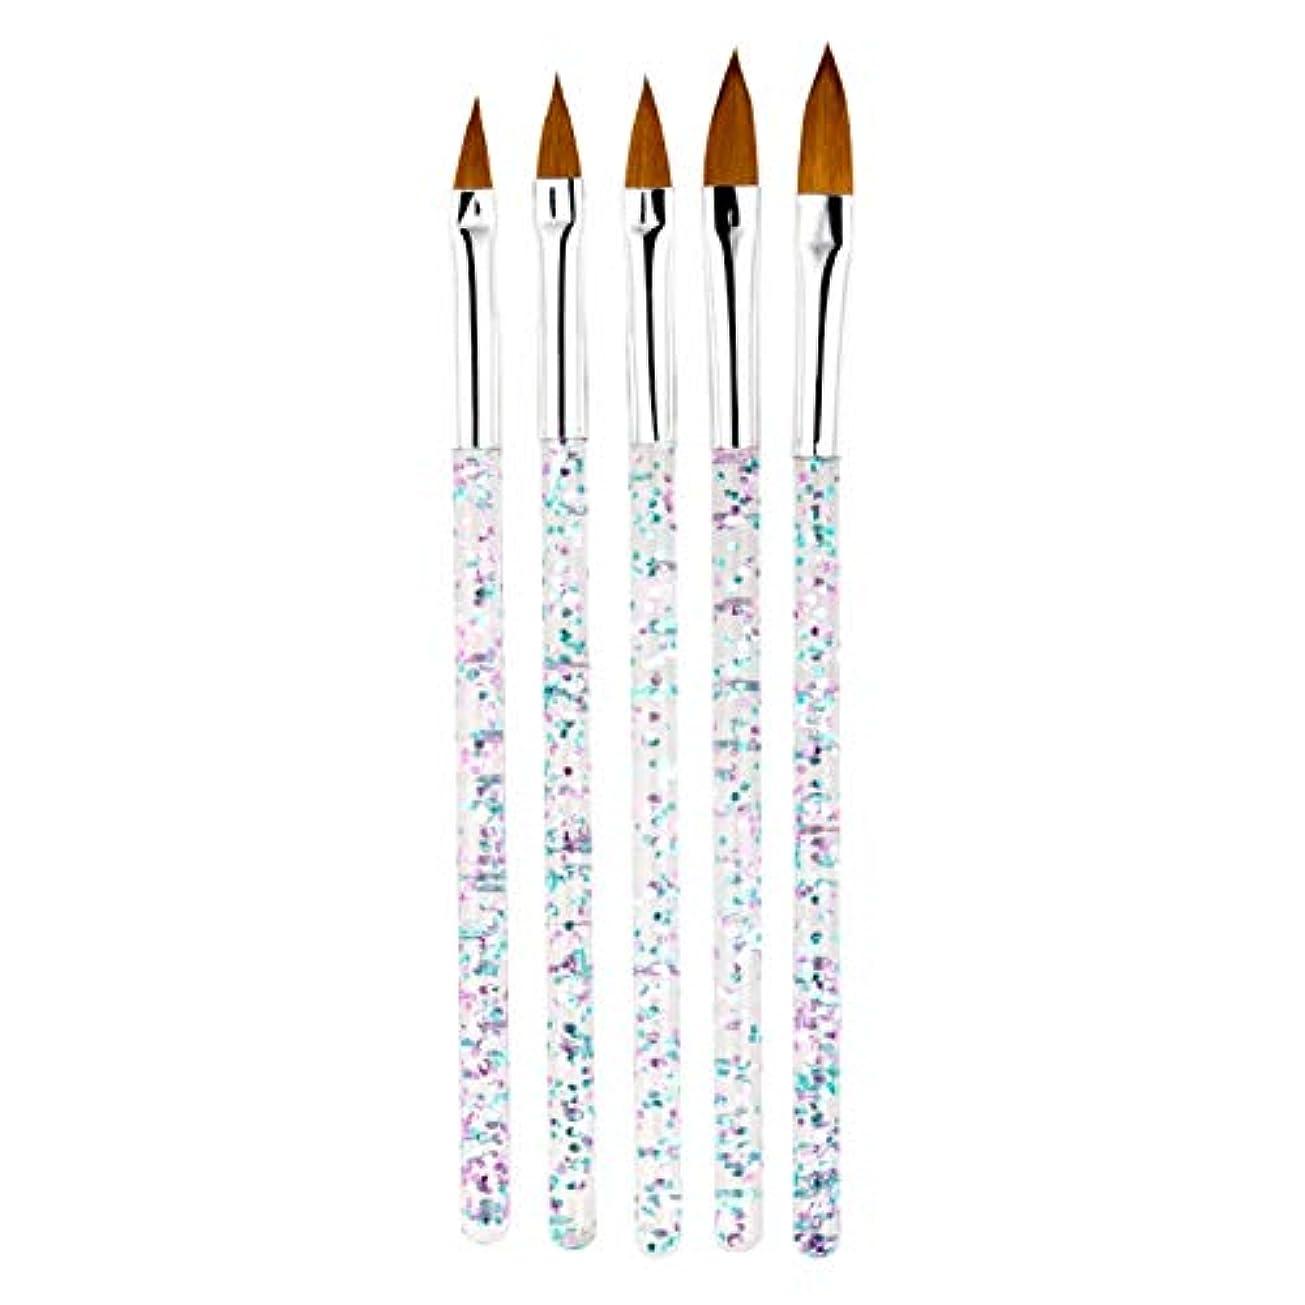 うんざりマラドロイト横たわるMCCRUA ネイルブラシ 5本セット スカルプネイルブラシ 可愛い アクリルネイル UV ジェルネイル ネイルアート筆